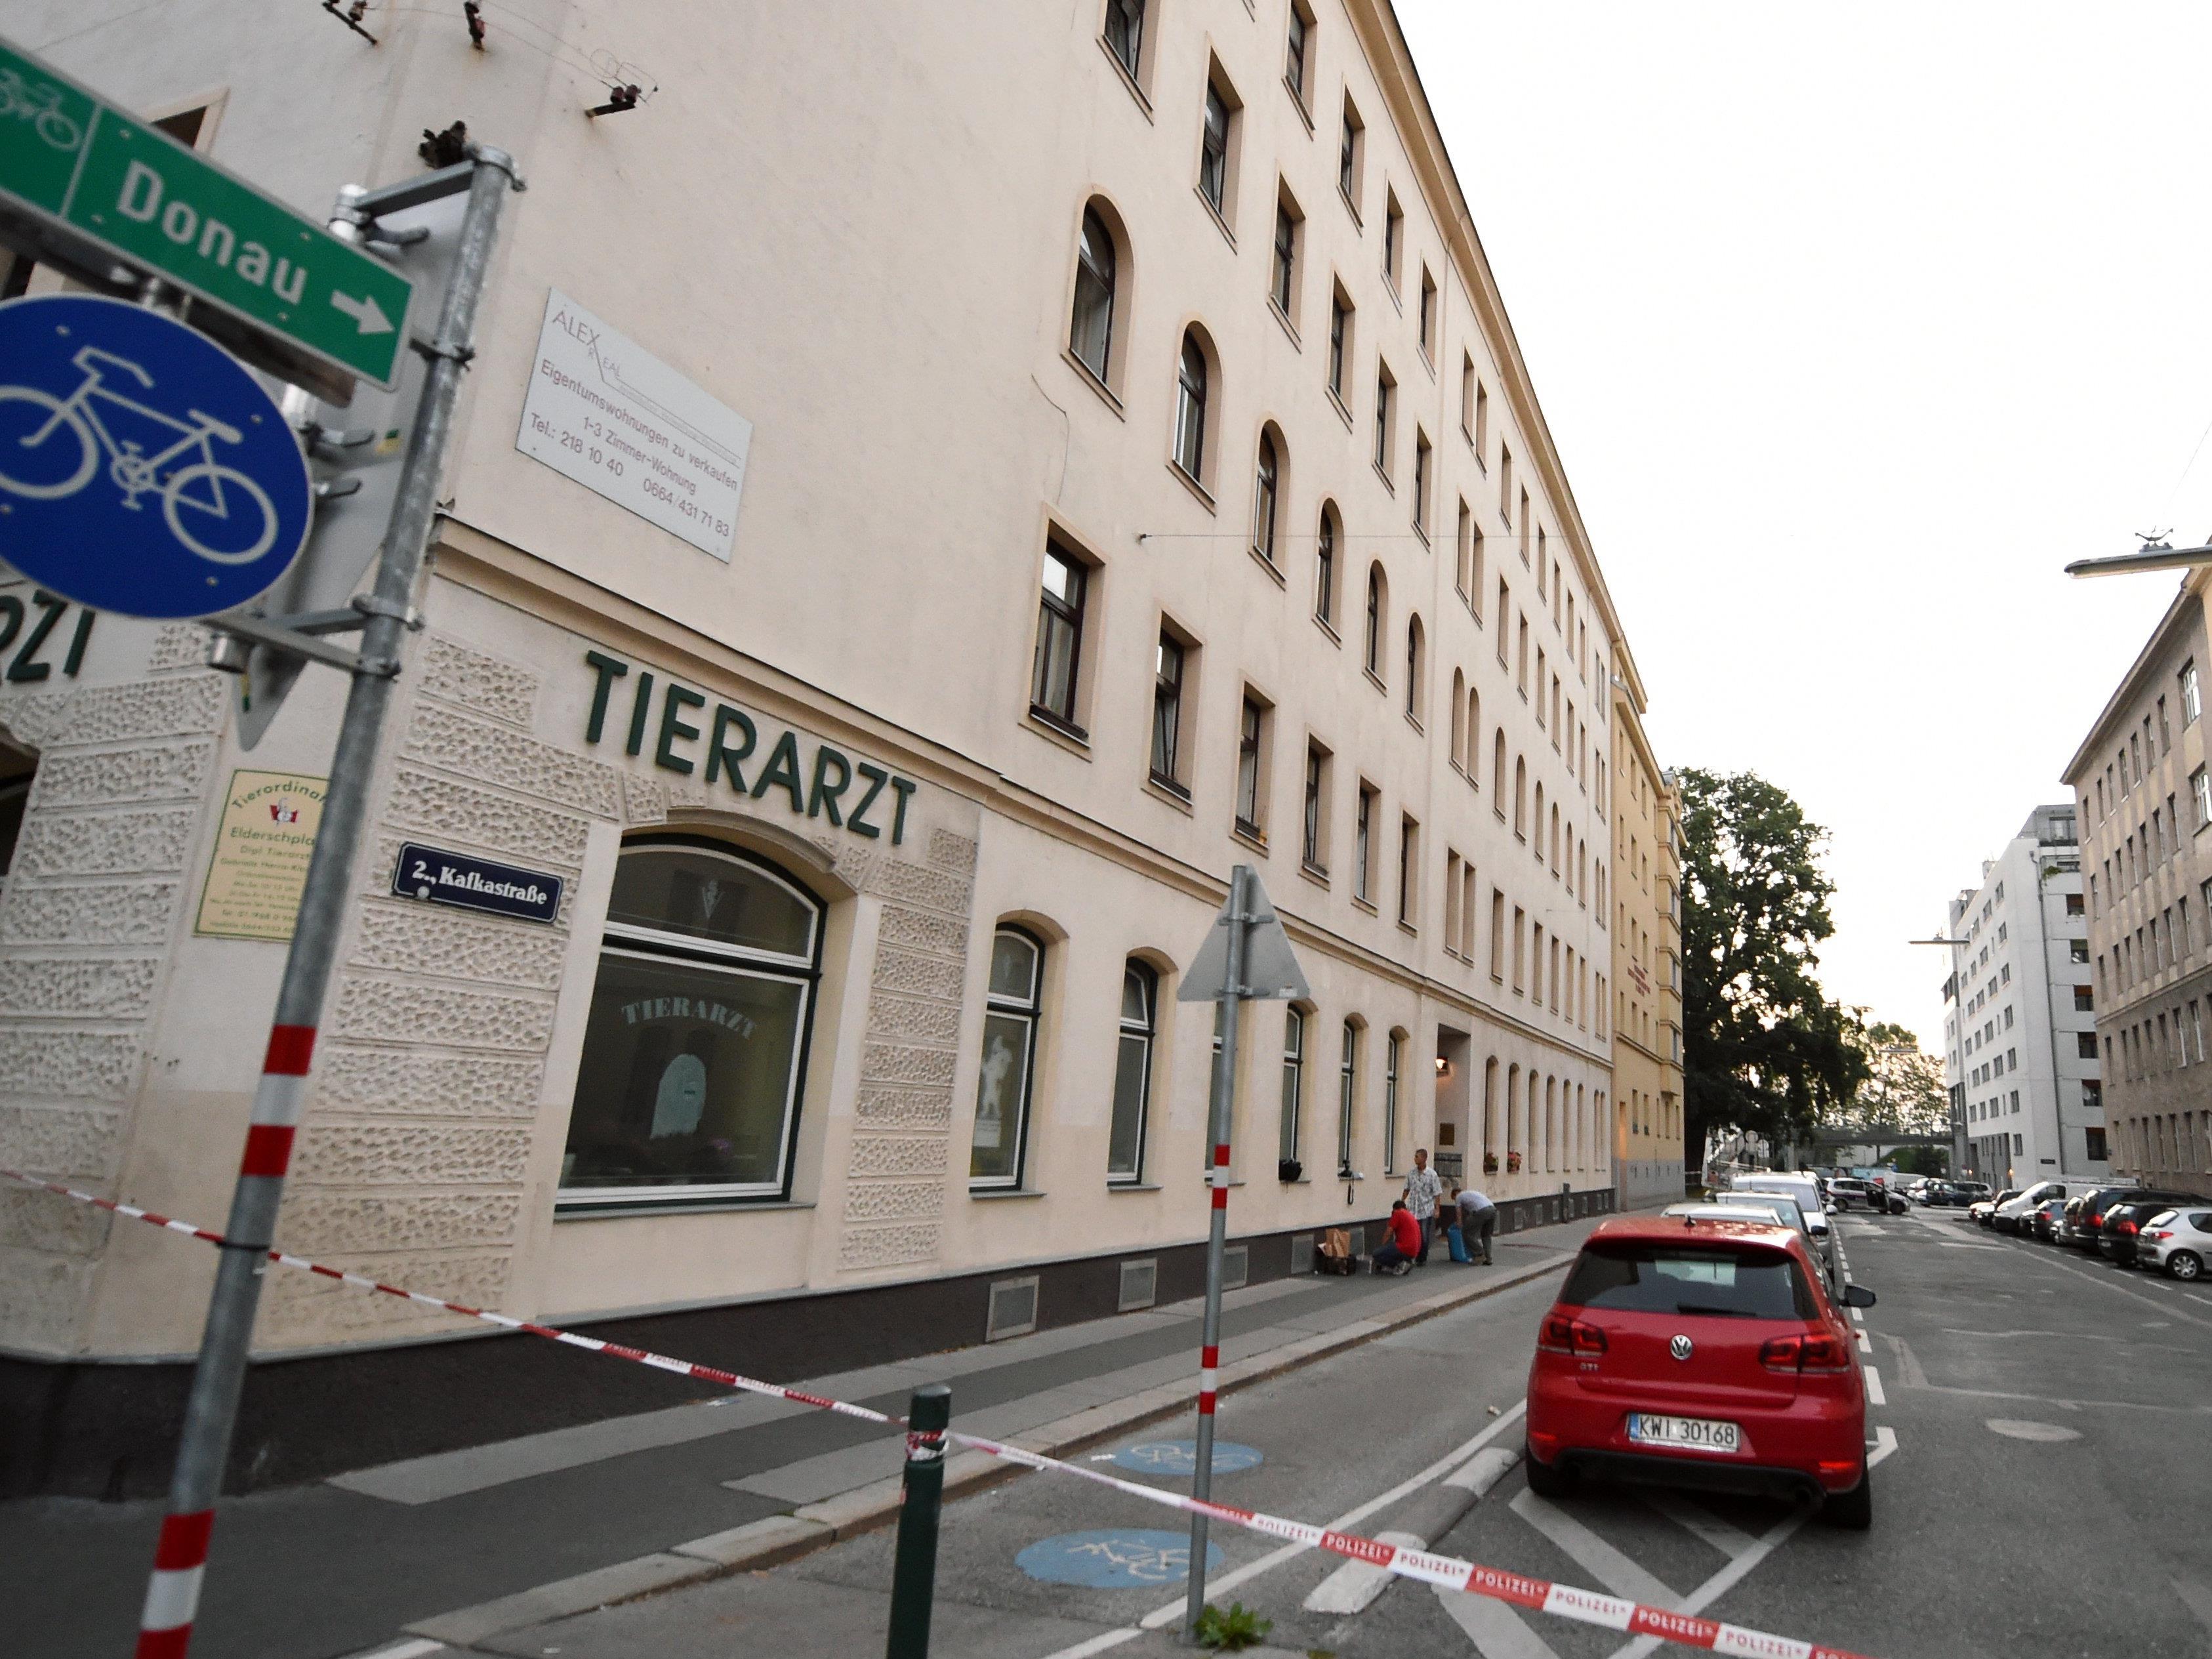 50-Jähriger in Wien-Leopoldstadt auf offener Straße erschossen.